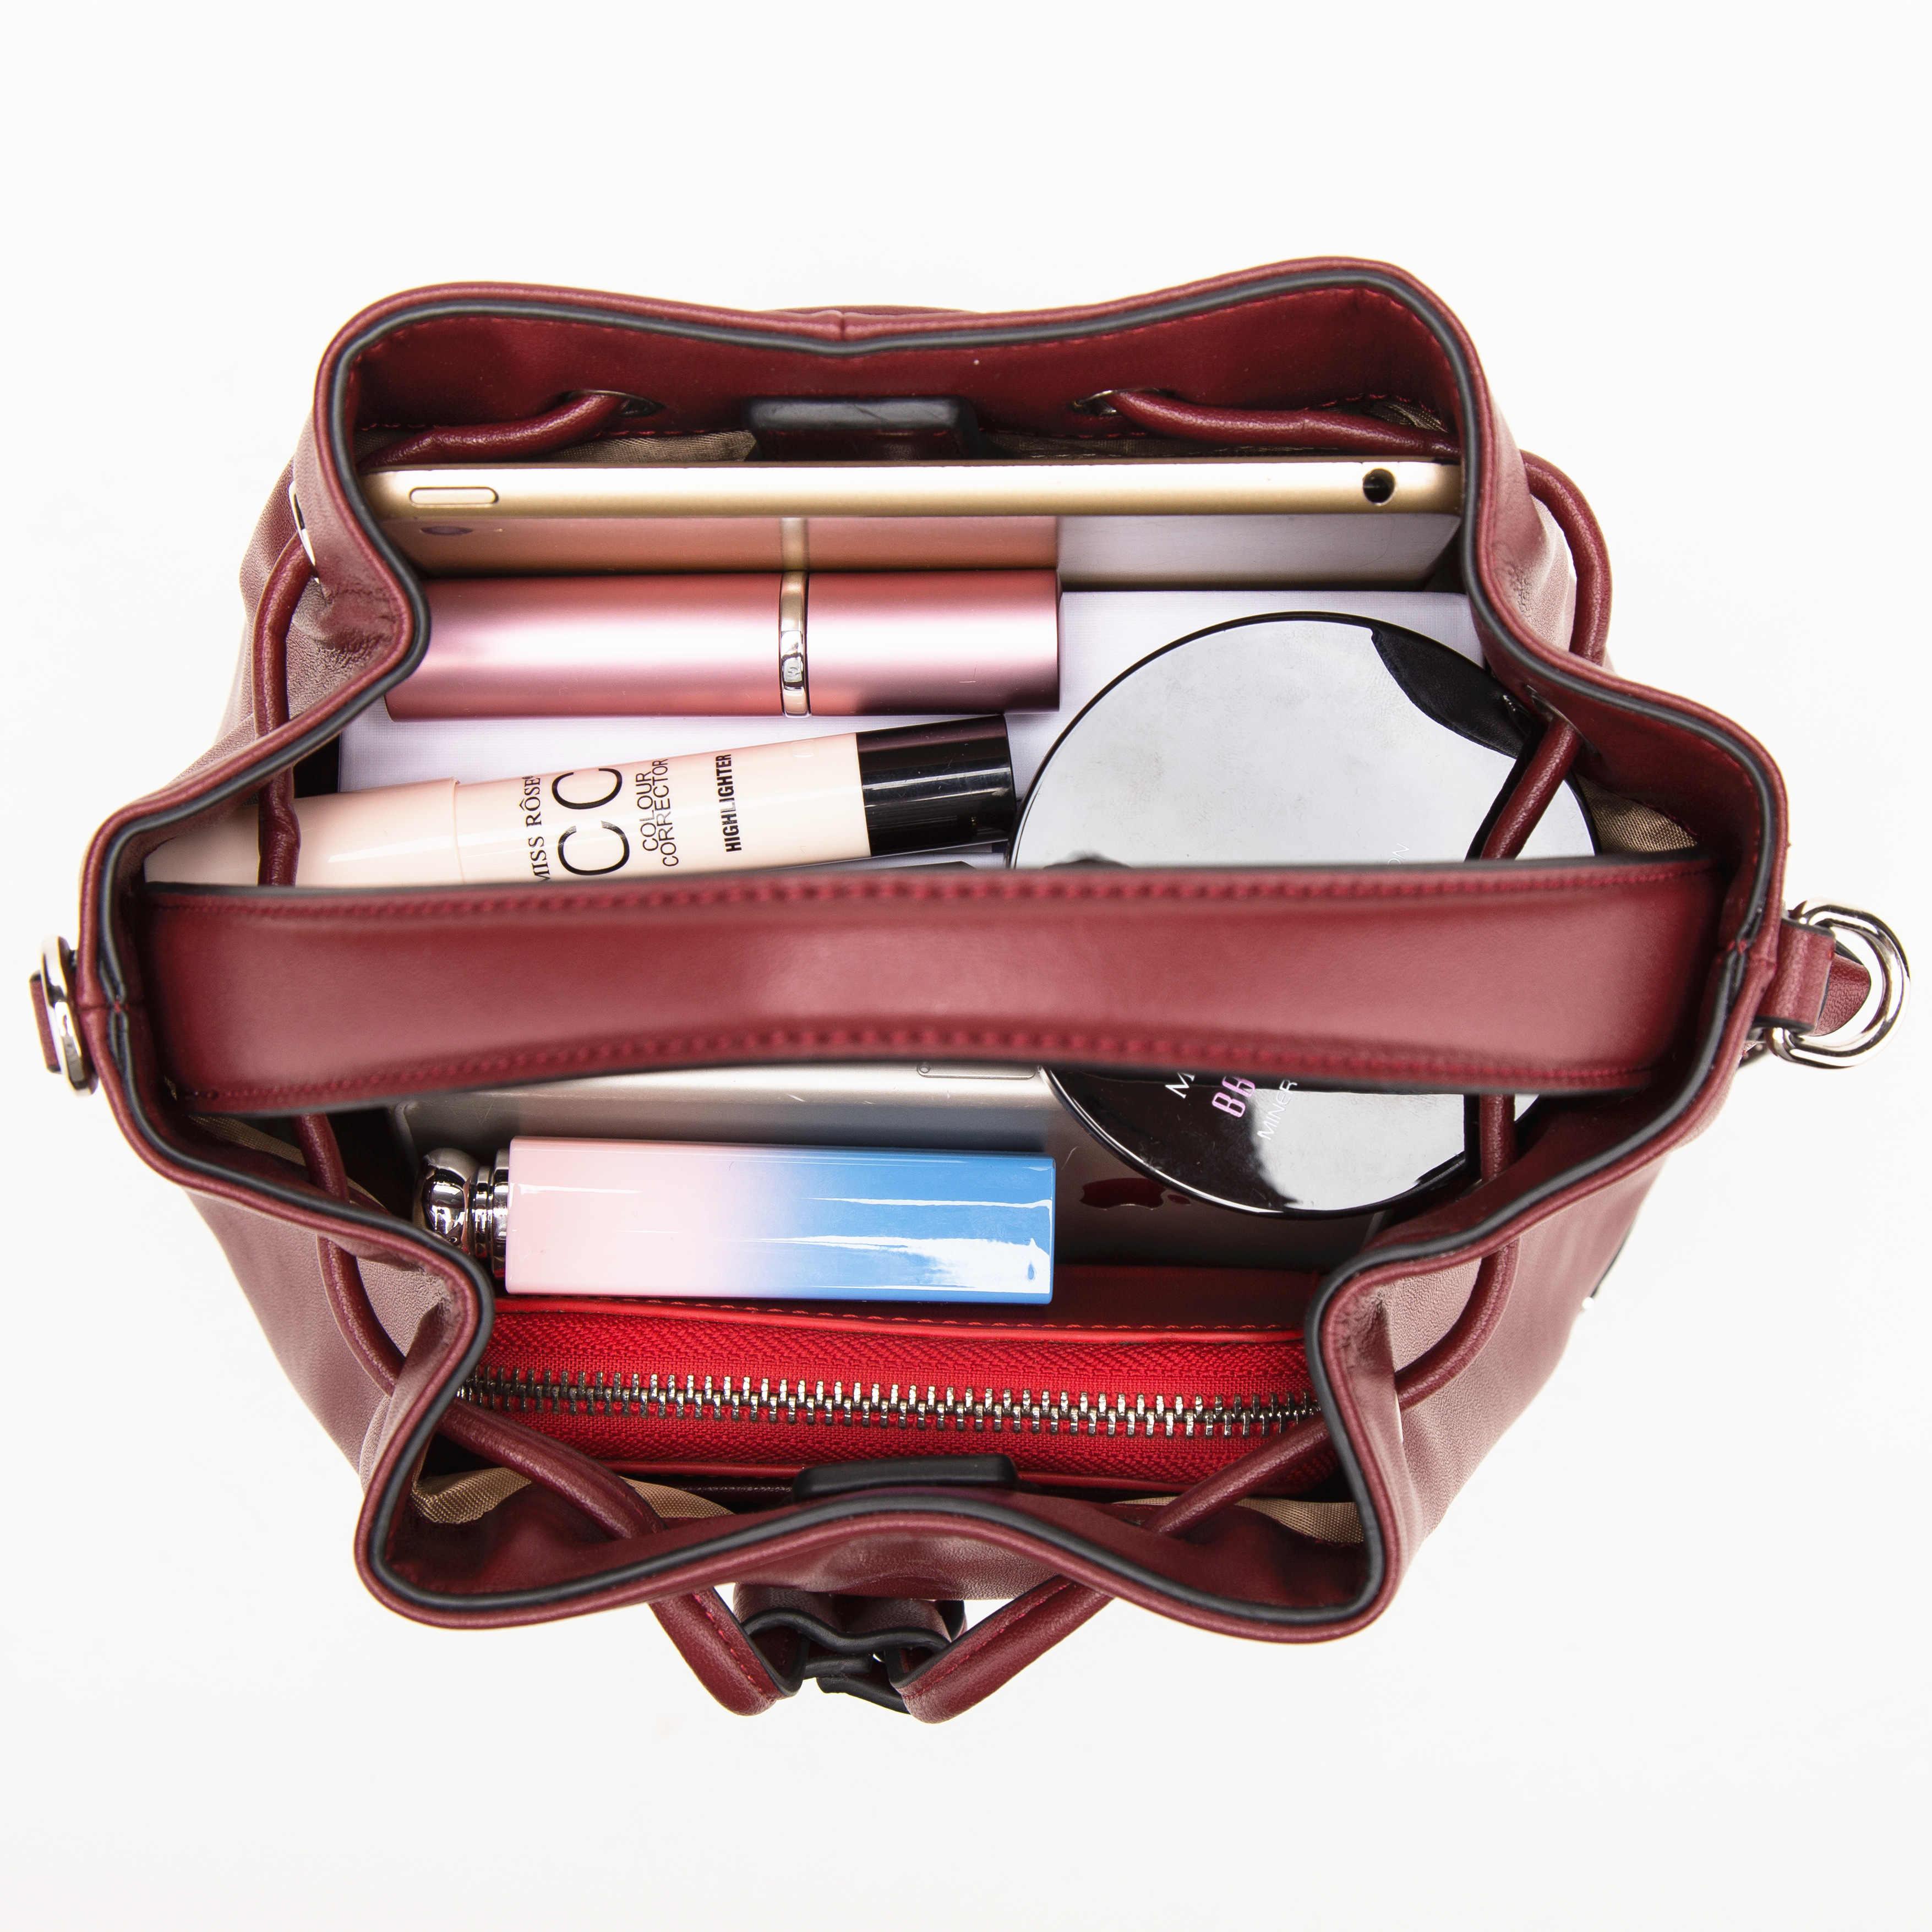 Бренд BISON DENIM, представляет мужской натуральная кожа Для женщин сумка Роскошные сумки в руку, Для женщин сумки дизайнерская сумка на плечо сумка через плечо, Bolsa feminina N1359